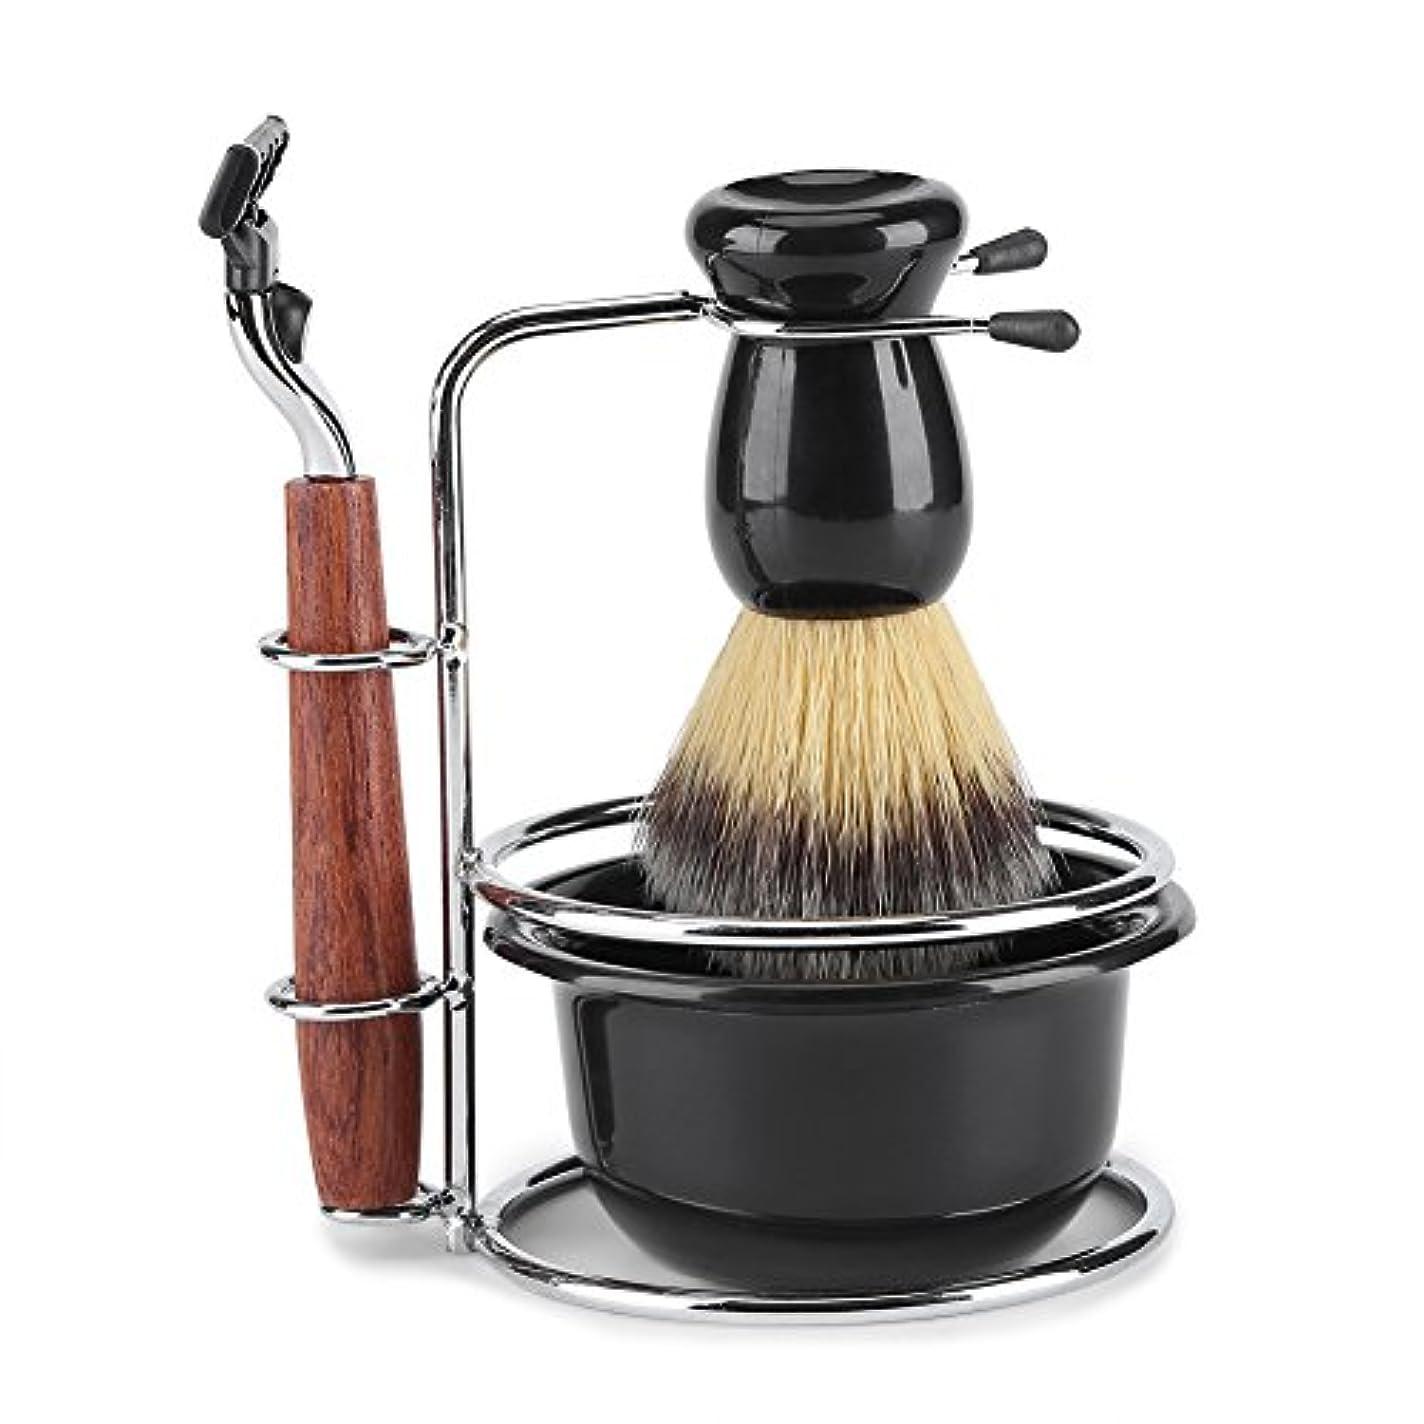 フォアタイプ松の木呼びかけるAcogedor シェービングセット 高級感満々 おしゃれ 魅力で綺麗 実用で便利 メンズ用髭剃り  ヒゲ剃り (剃刀+ステンレススチールホルダー+ブラシ+ボウル)